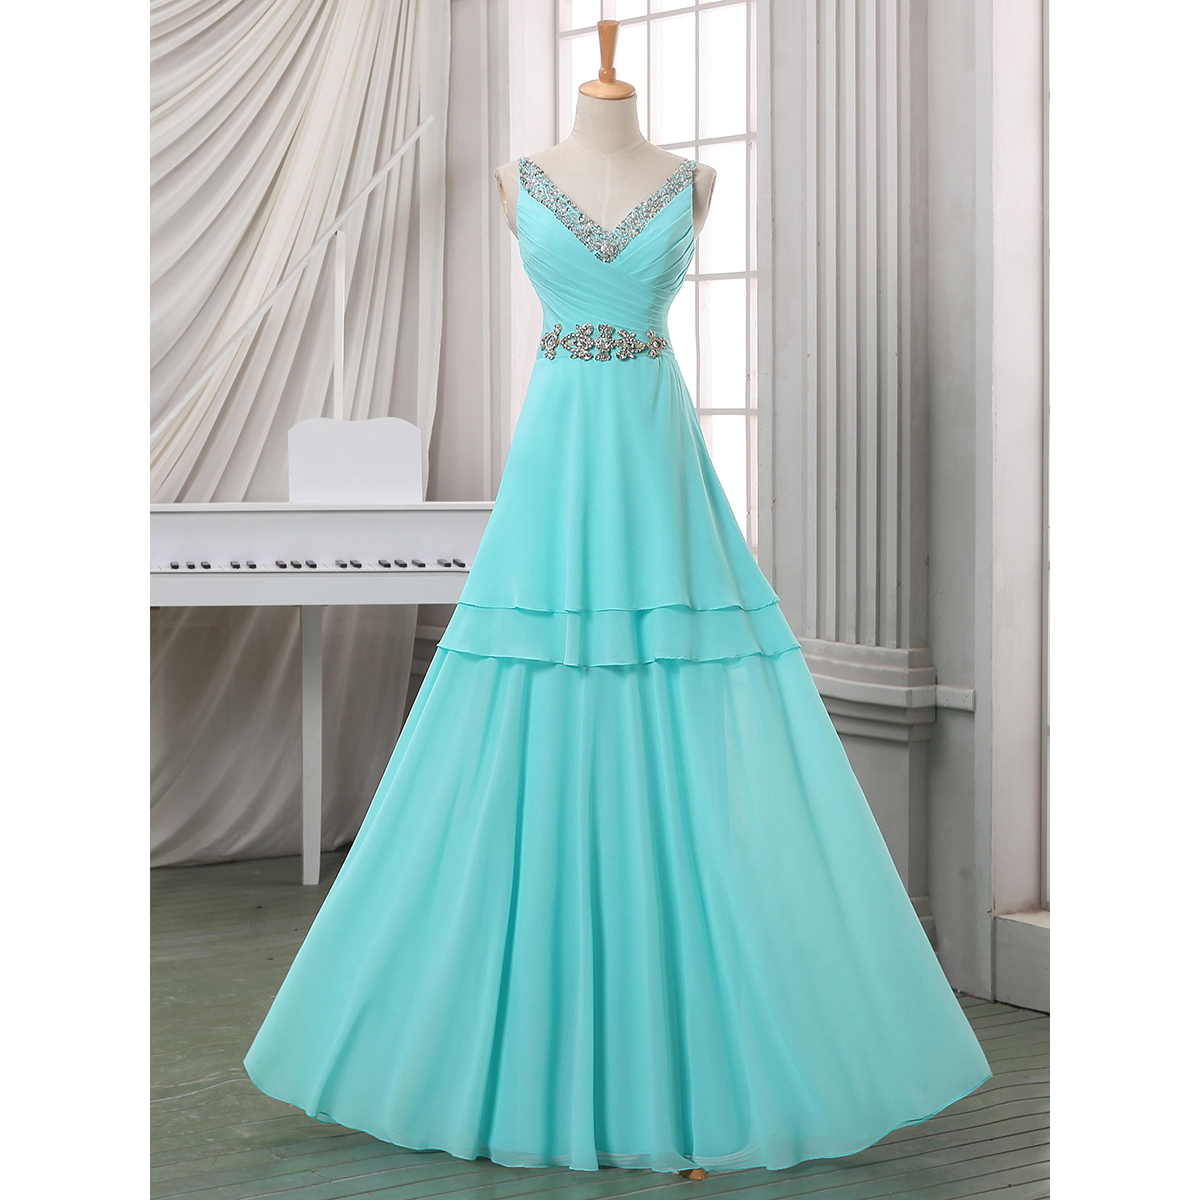 990e5a3dc0 Sequins Beaded V Neck Long Prom Dress